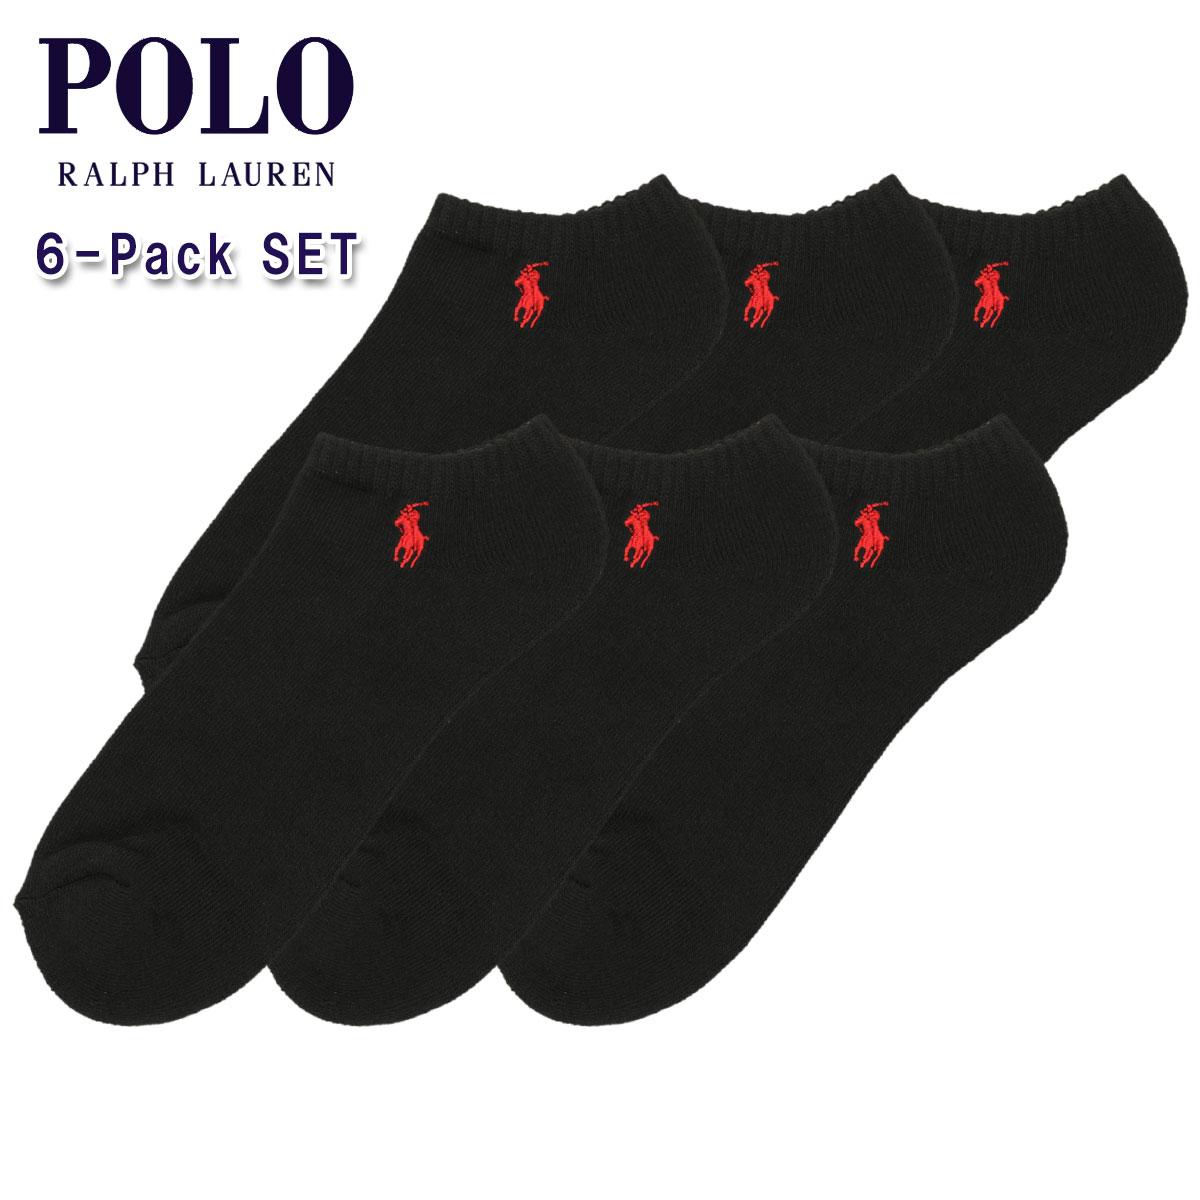 ポロ ラルフローレン POLO RALPH LAUREN 正規品 ソックス Ghost Sock 6足セット ブラック A05B B1C C3D D1E E13F